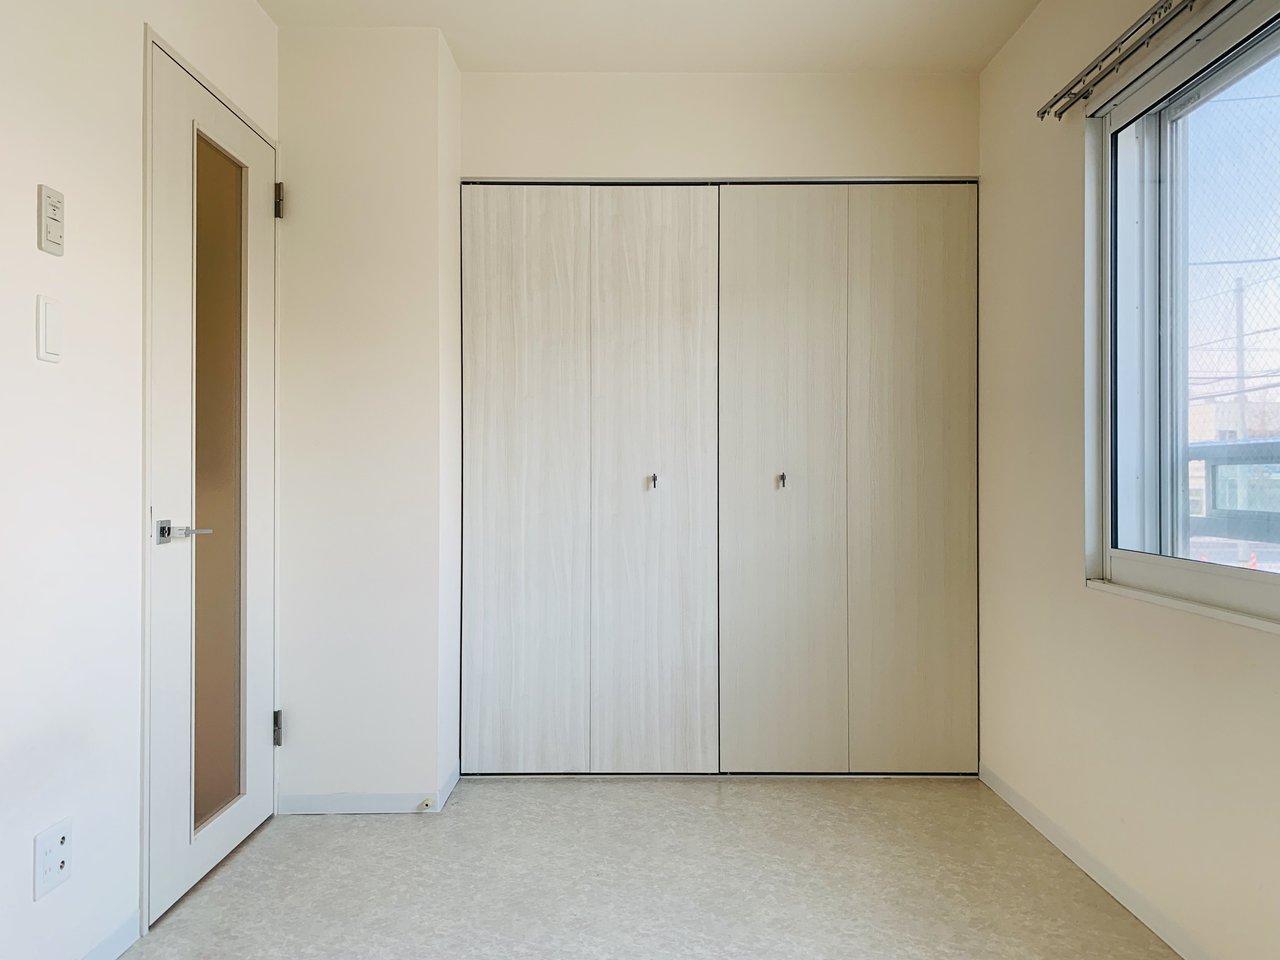 玄関を挟んで向こう側に、もう一つのお部屋があります。リビングとしっかり分けられているので、お友達が遊びに来た時も生活感ある状態を見せずに済みそうです。